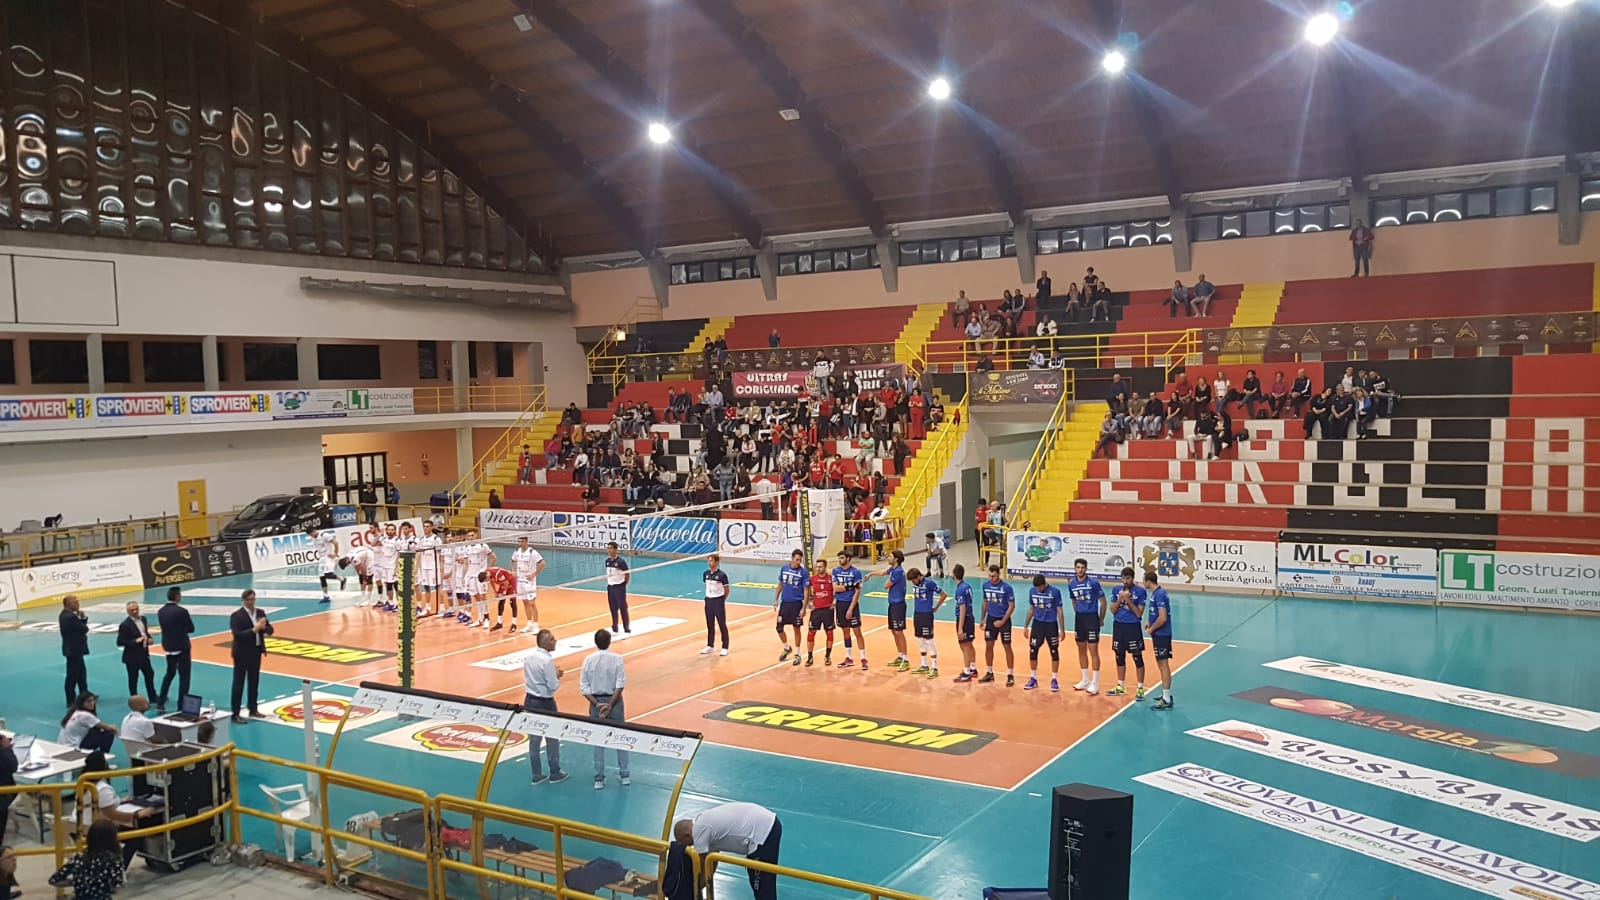 La Gis Pallavolo Ottaviano cade a Corigliano! La GoEnergy vince 3-0